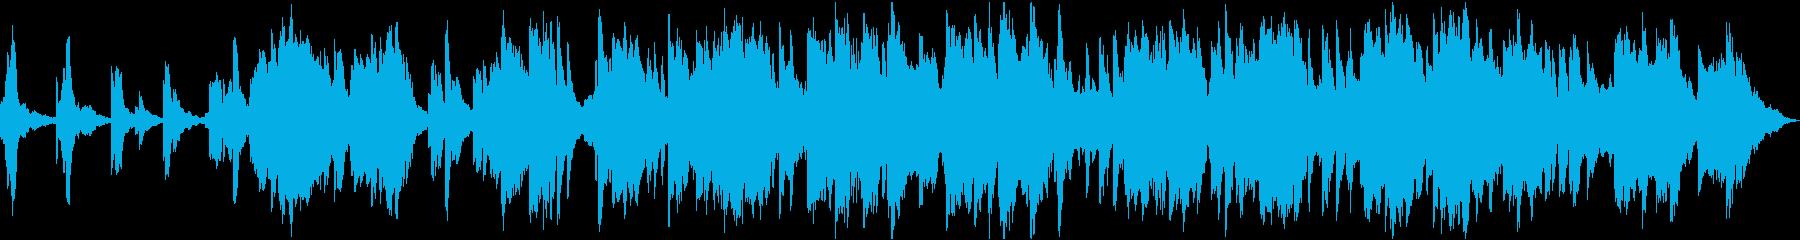 静かで少し不思議な感じのヒーリング音楽の再生済みの波形